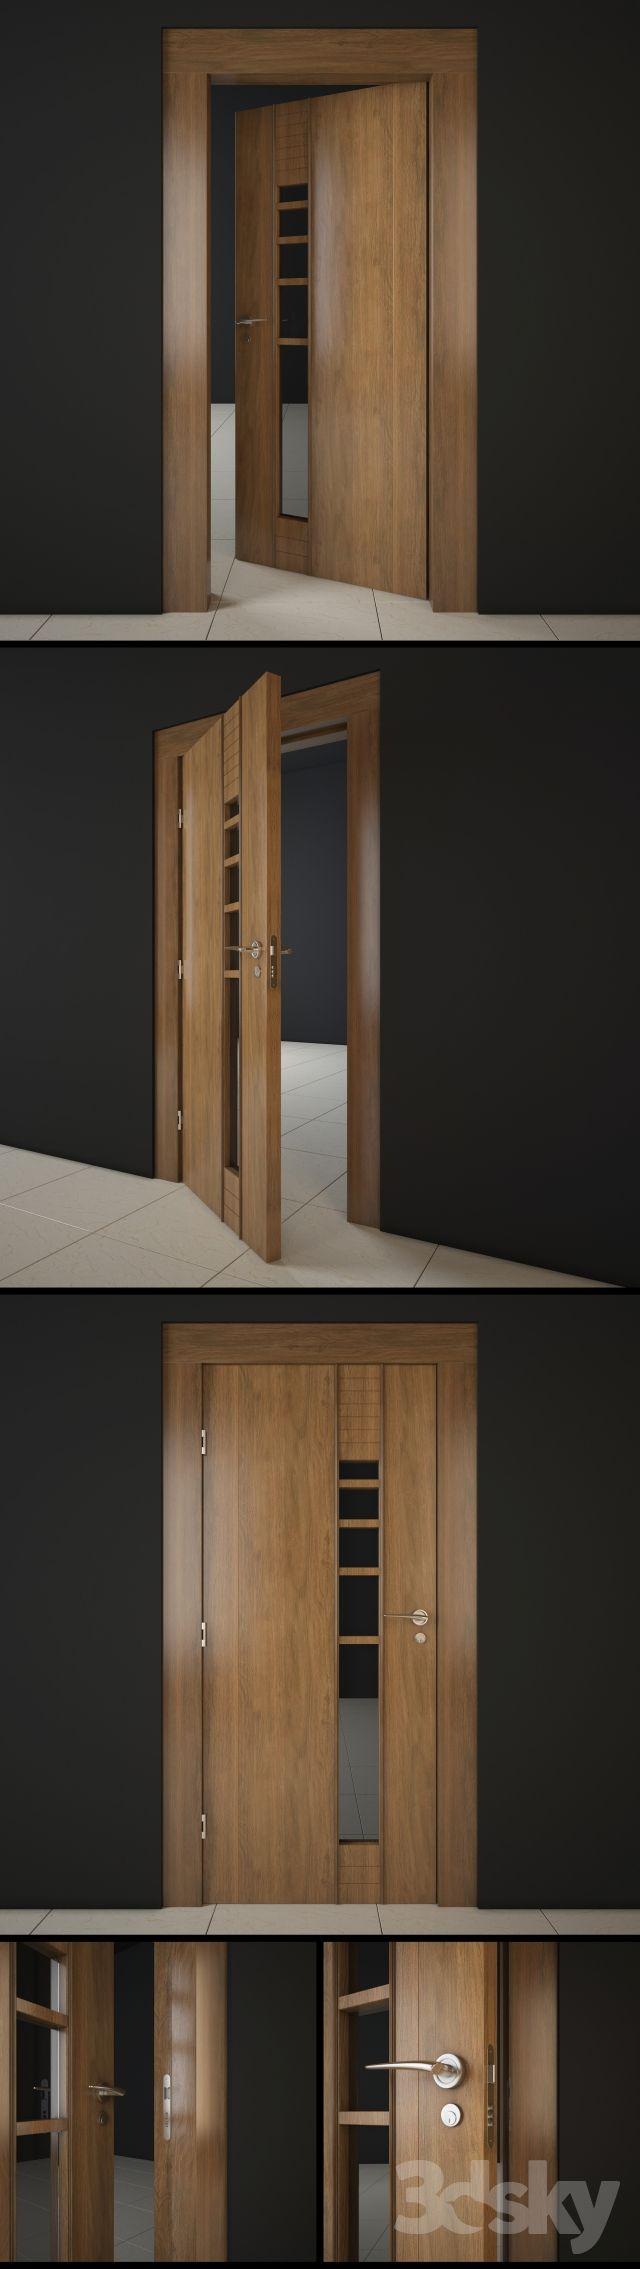 3d models: Doors - Modern Wooden Door